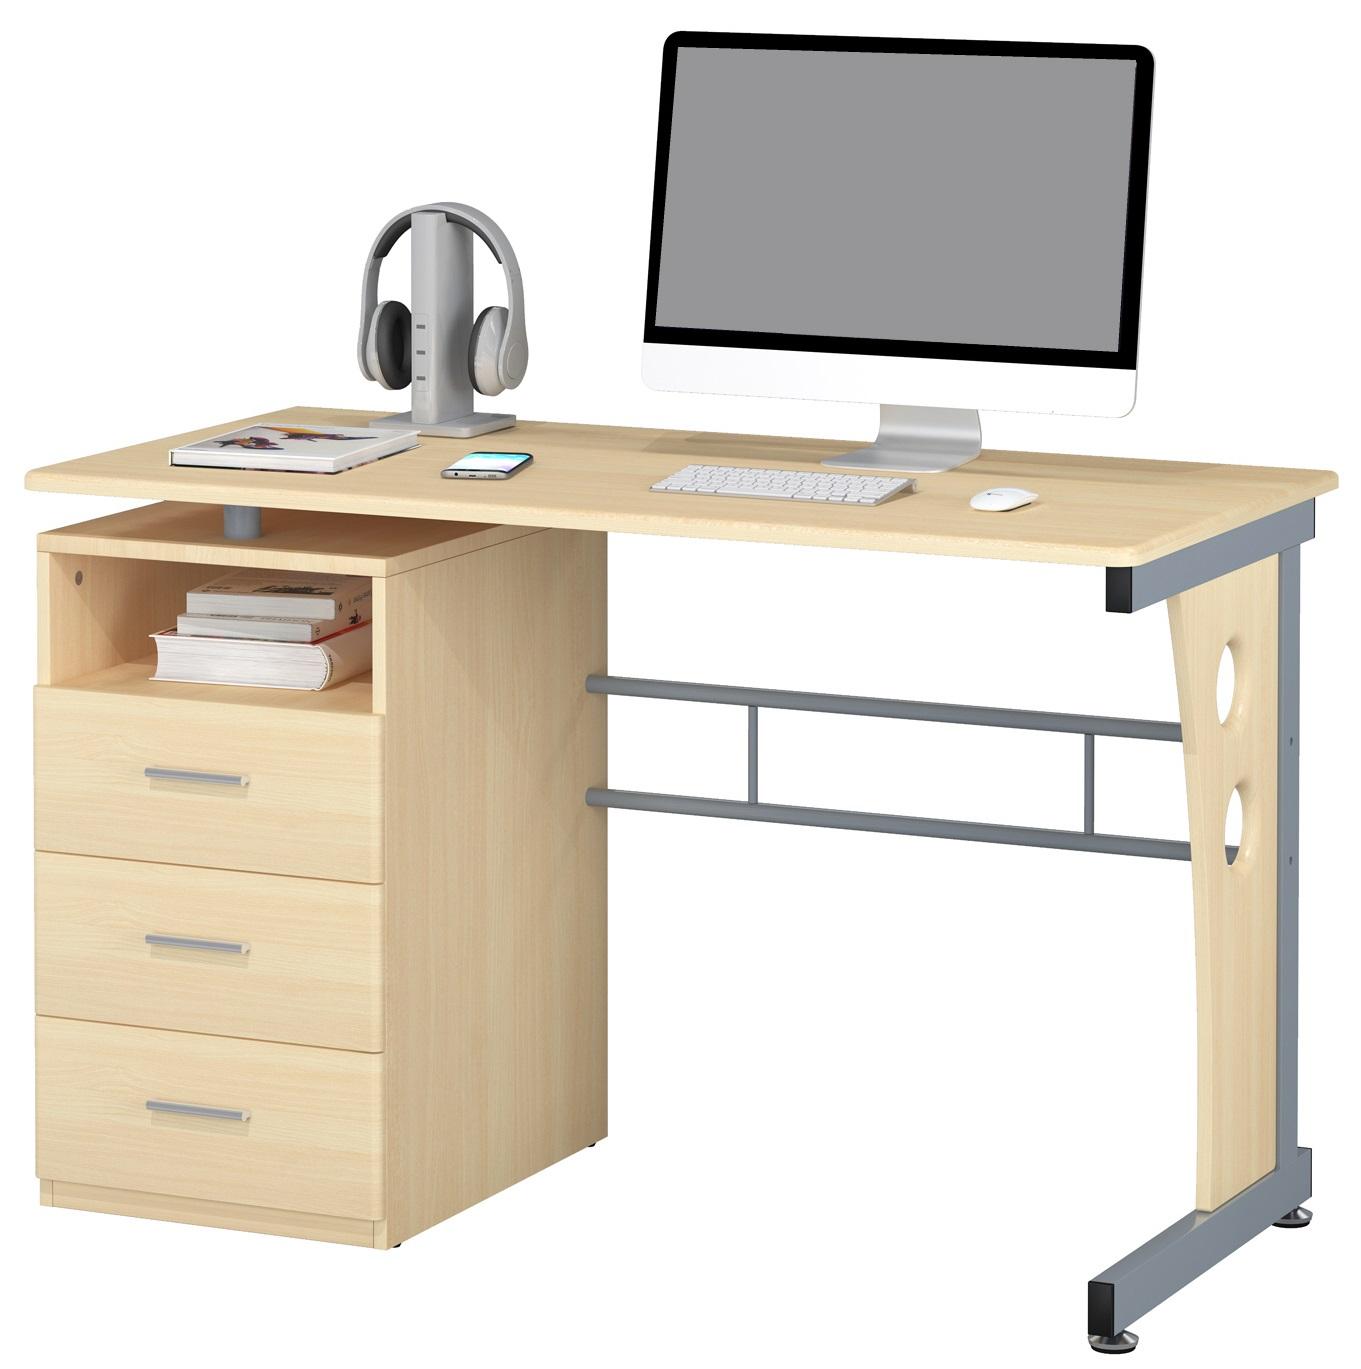 Sixbros mesa ordenador mesa oficina mesa escritorio for Mesas para ordenador ikea